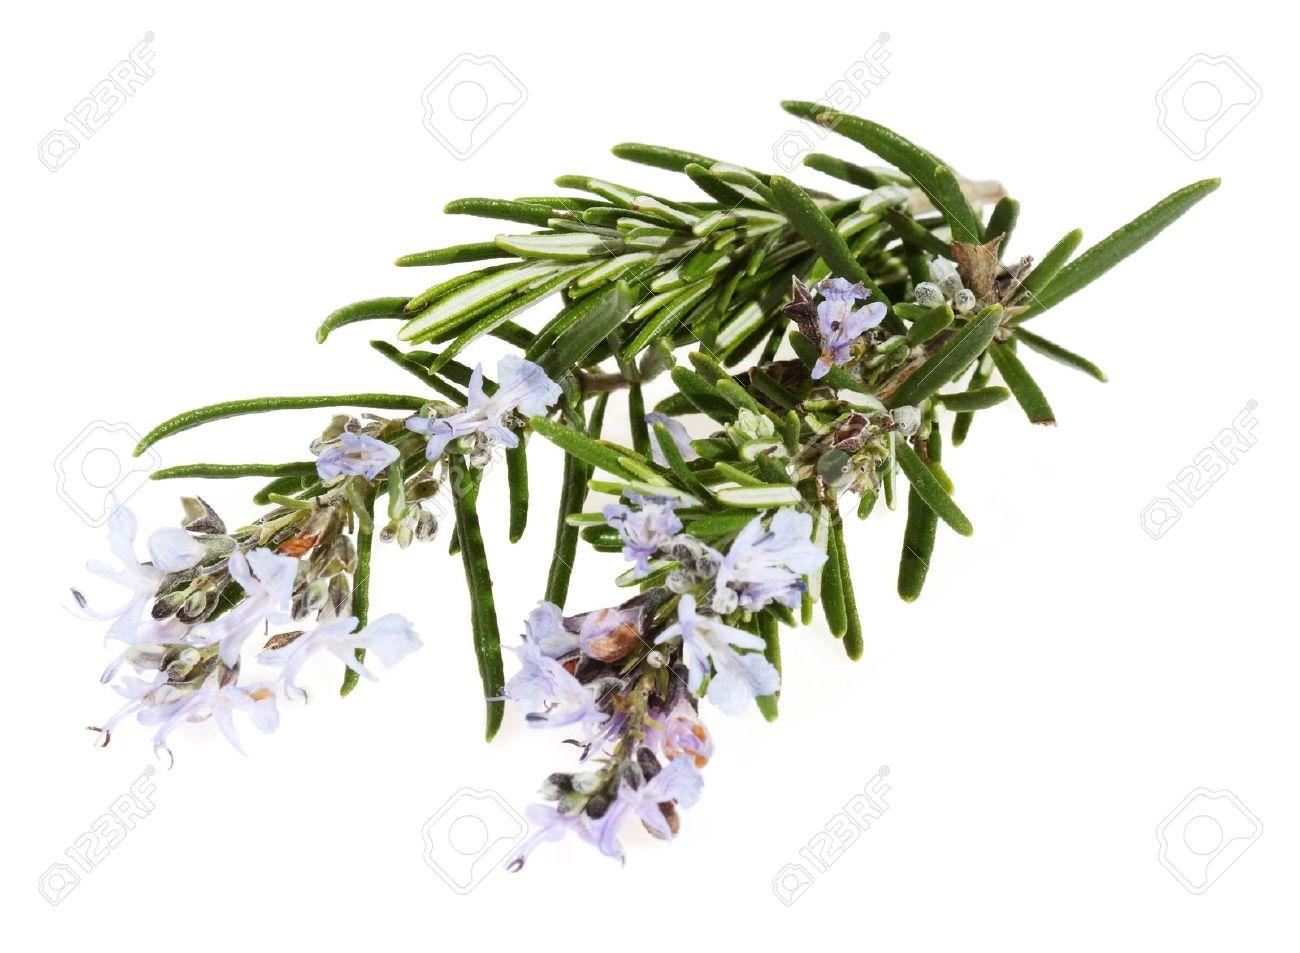 rosmarin-med-blommor